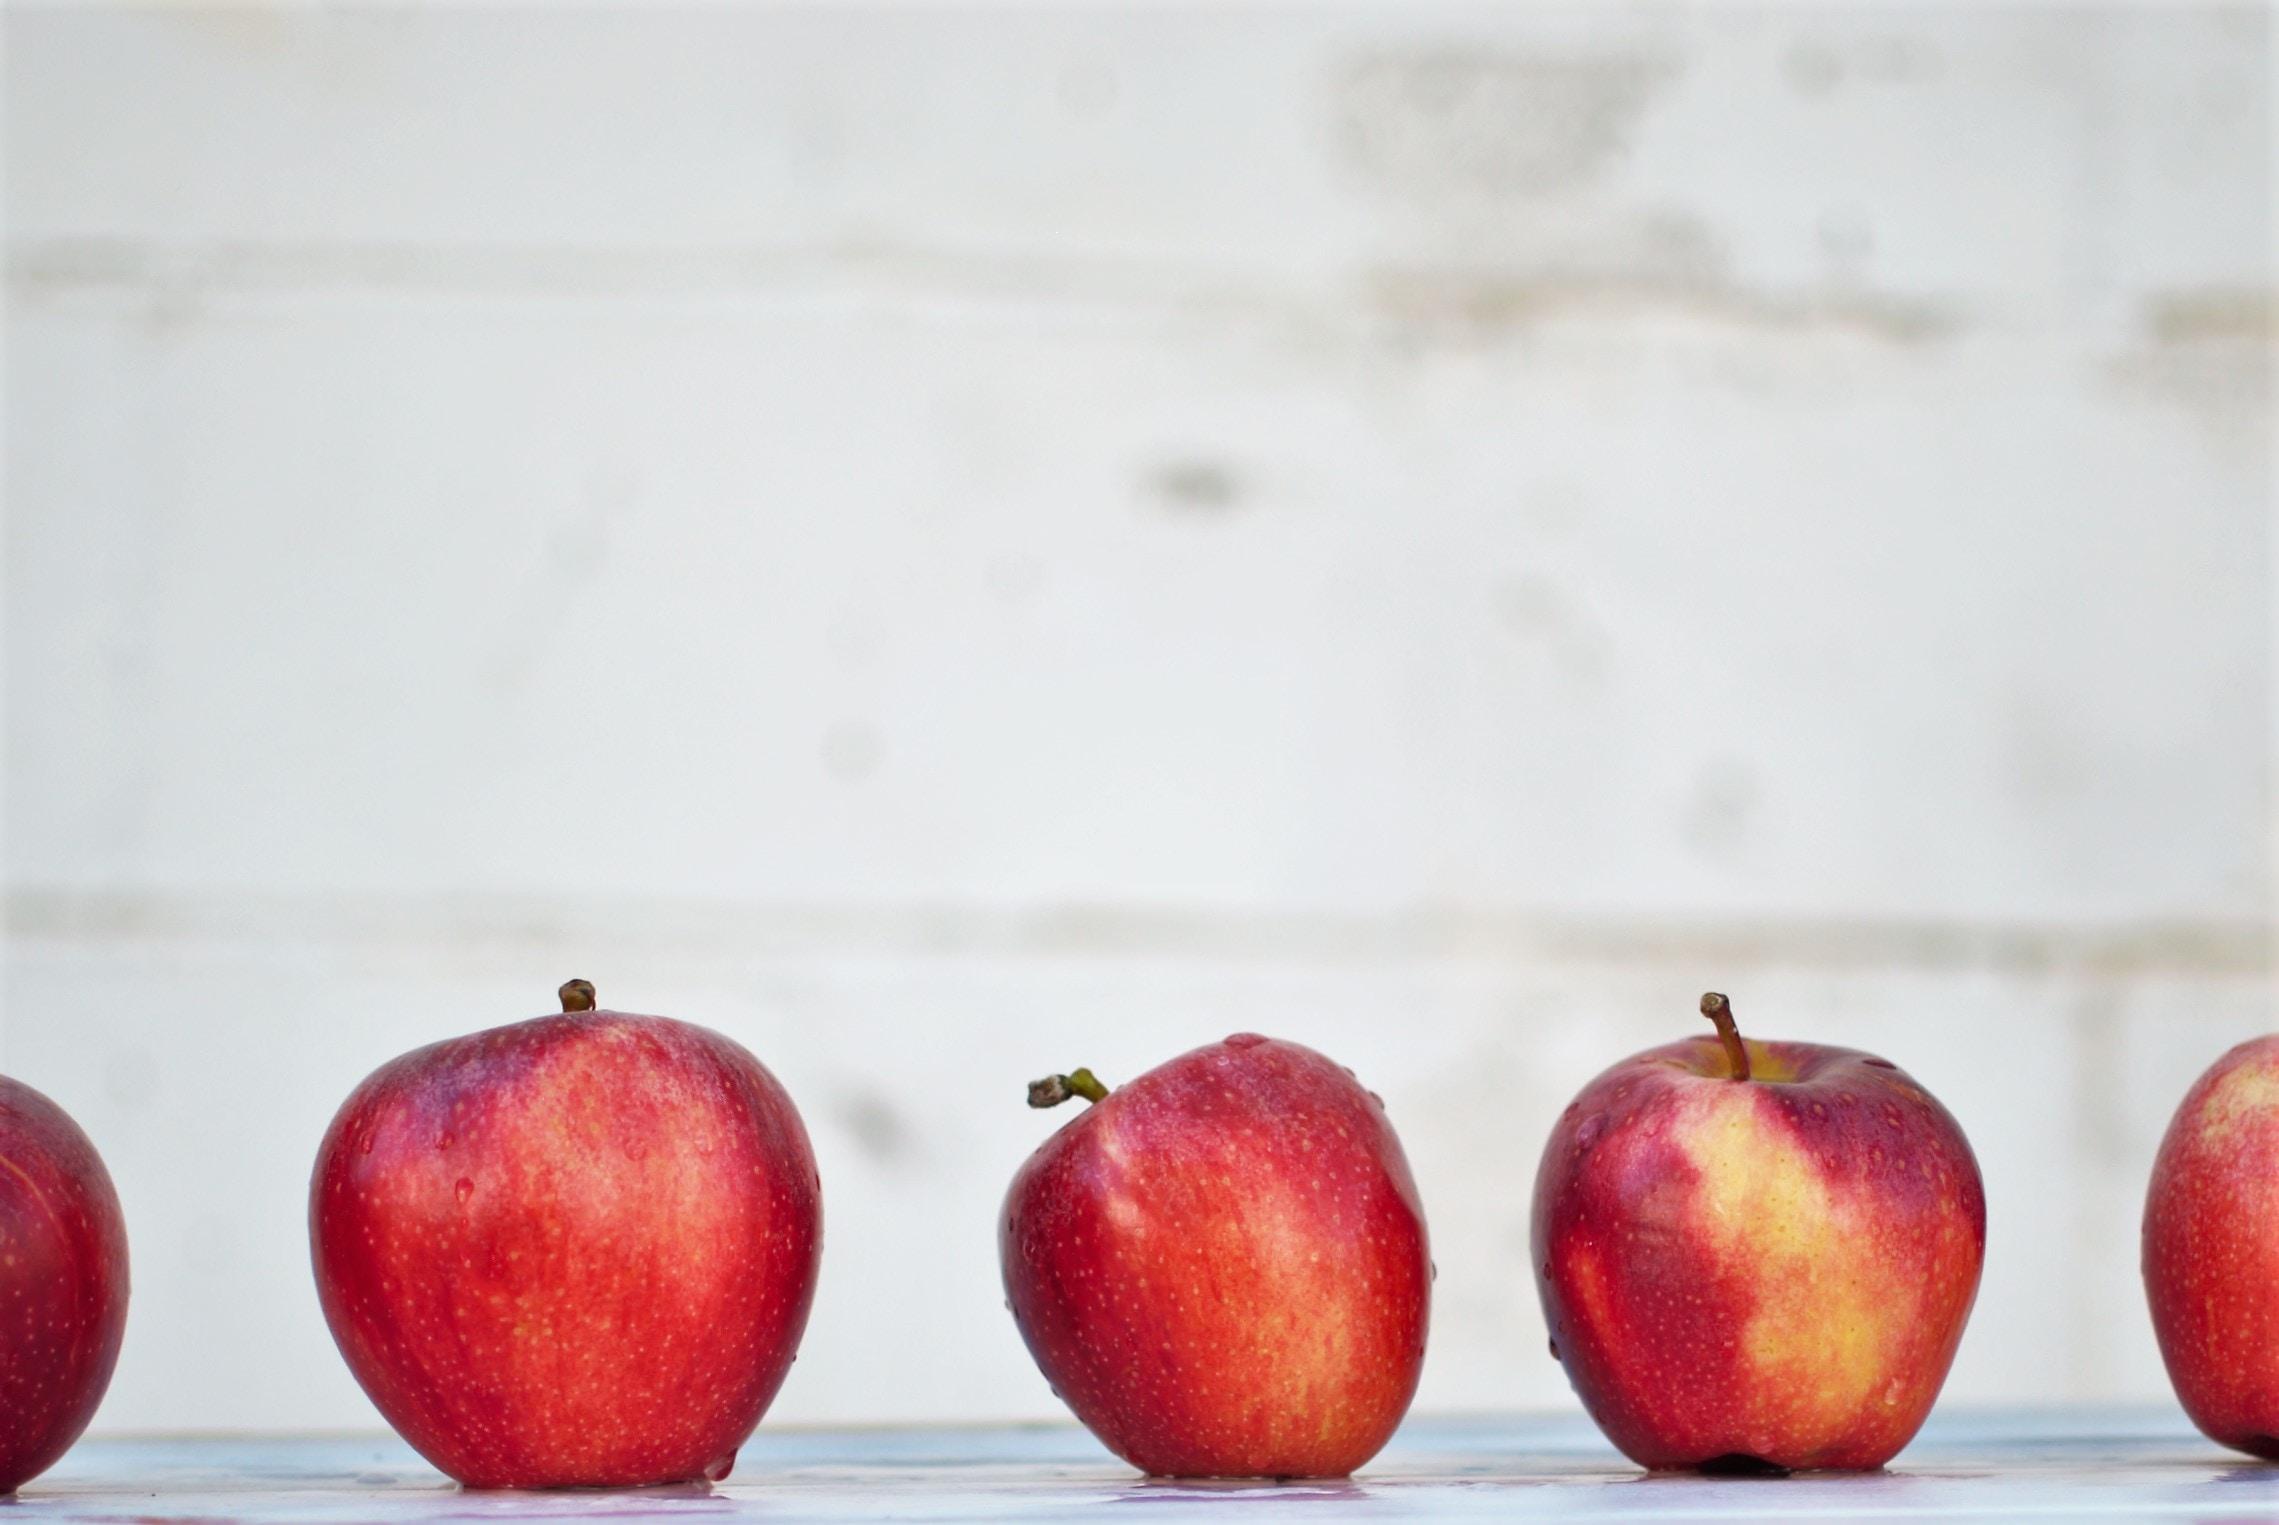 Apples bittersweet stories